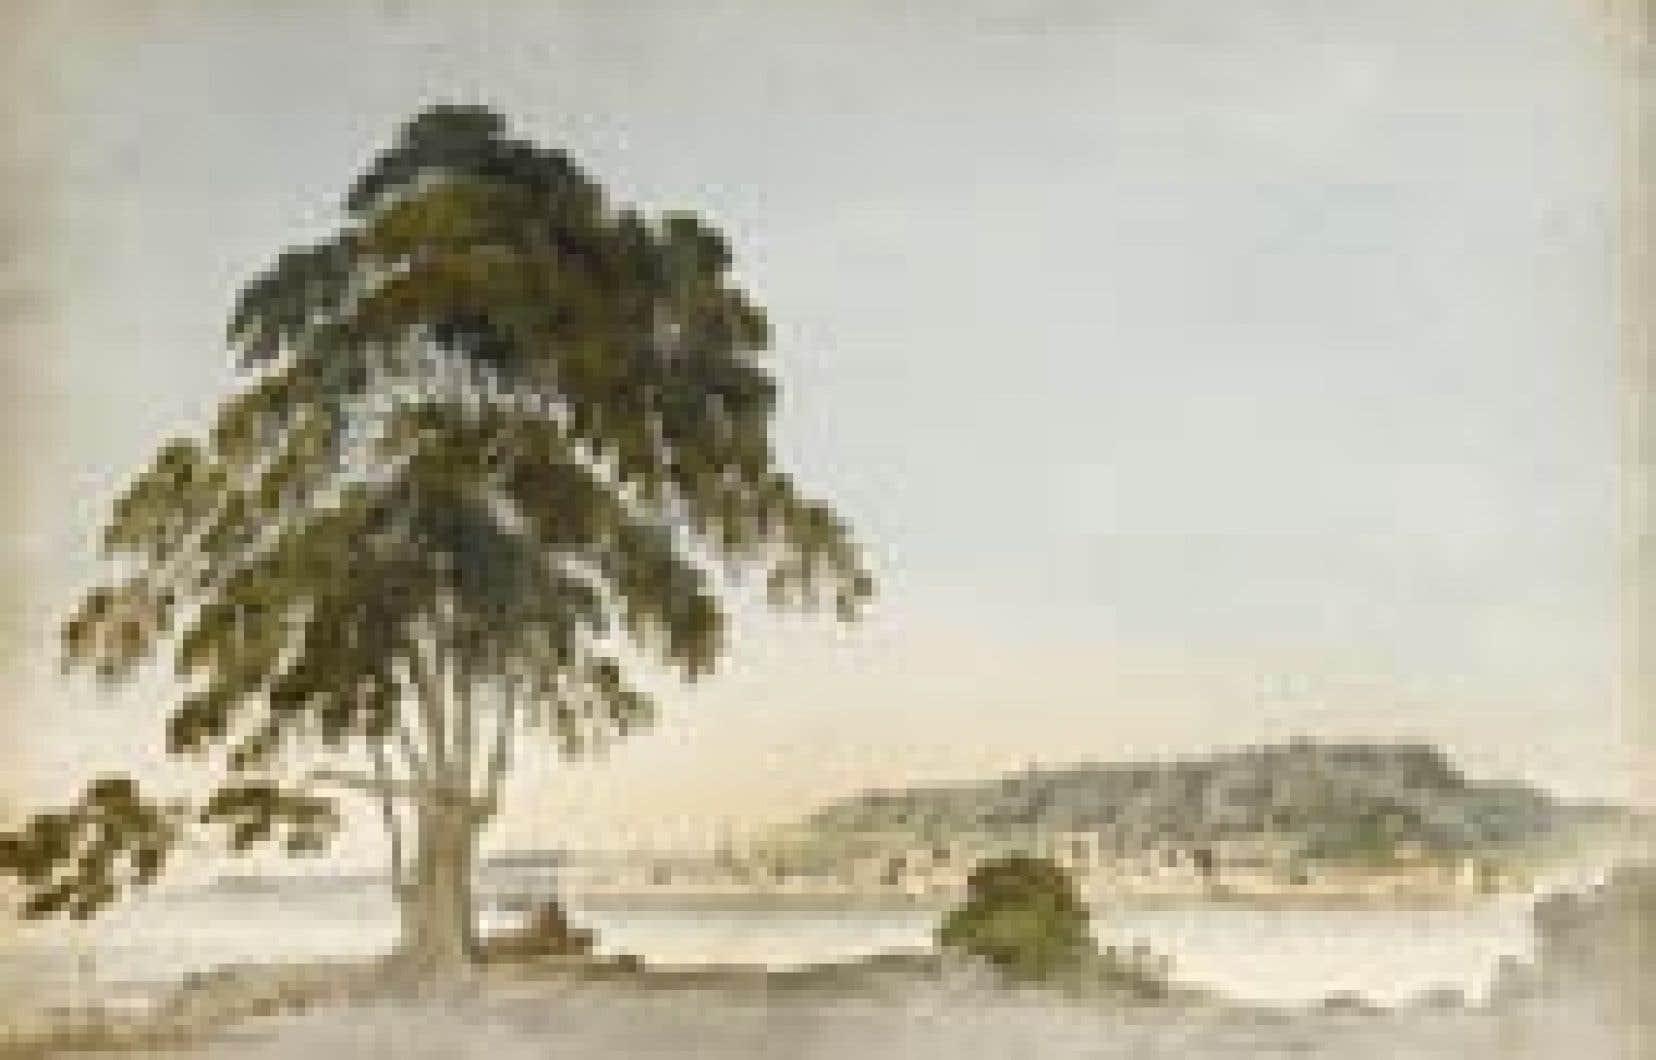 Une petite aquarelle (38,1 X 55,7 cm) de Benjamin Fisher, Montreal viewed from St Helens Island, découverte récemment dans une cave de l'université Oxford. La garnison britannique campait sur l'île Sainte-Hélène quand le soldat artiste a réali